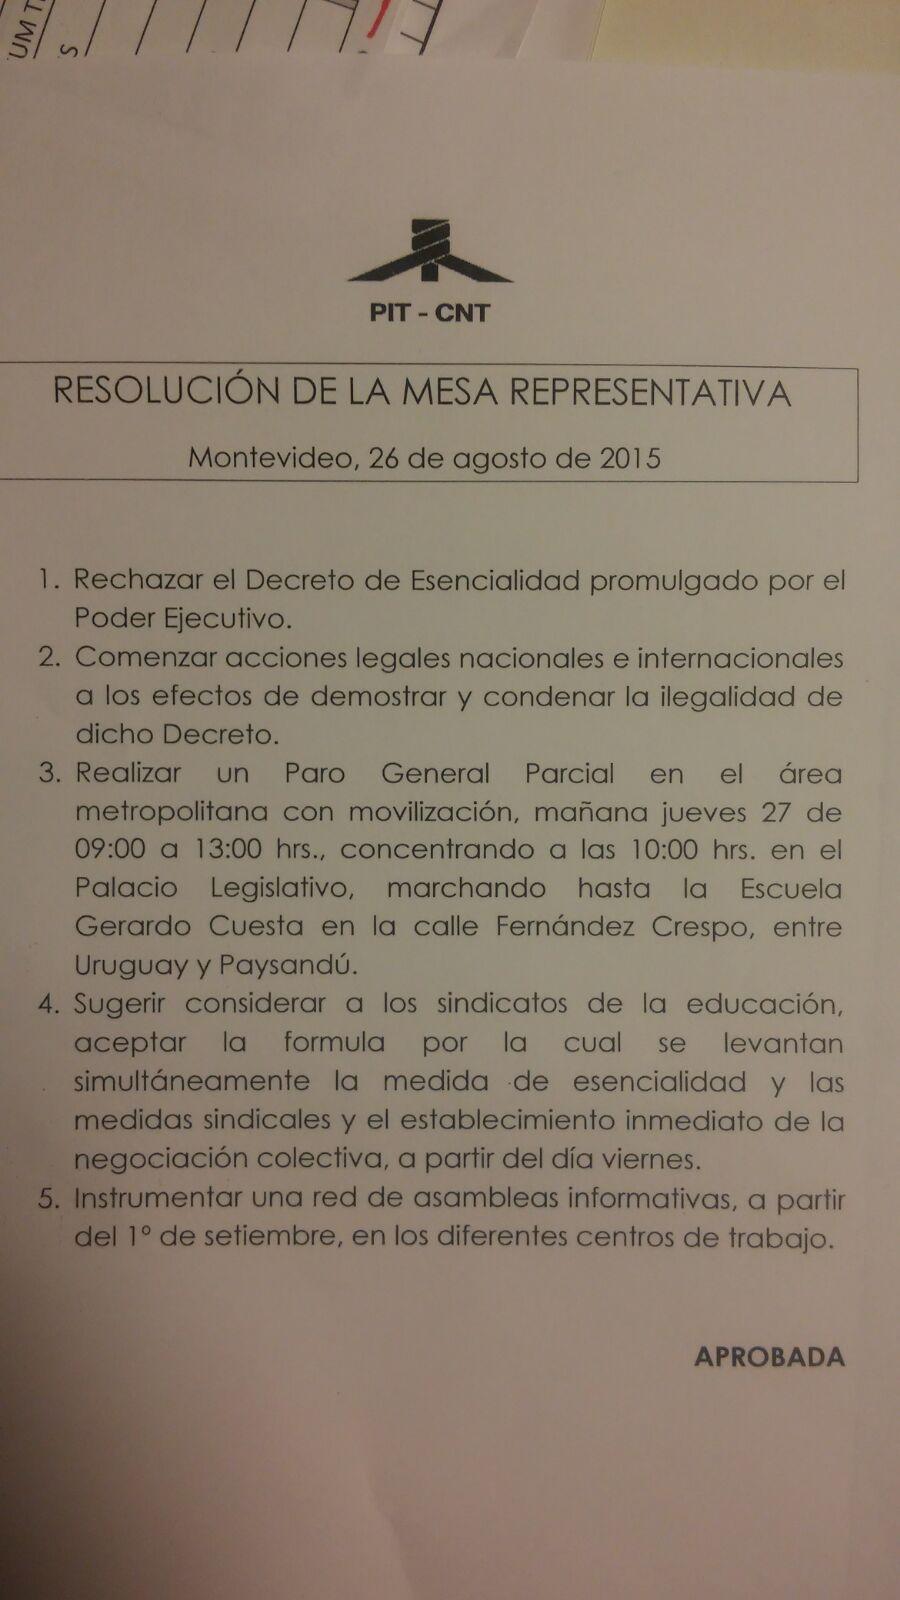 Resolución de la Mesa Representativa del PIT-CNT realizada el 26 de agosto de 2015